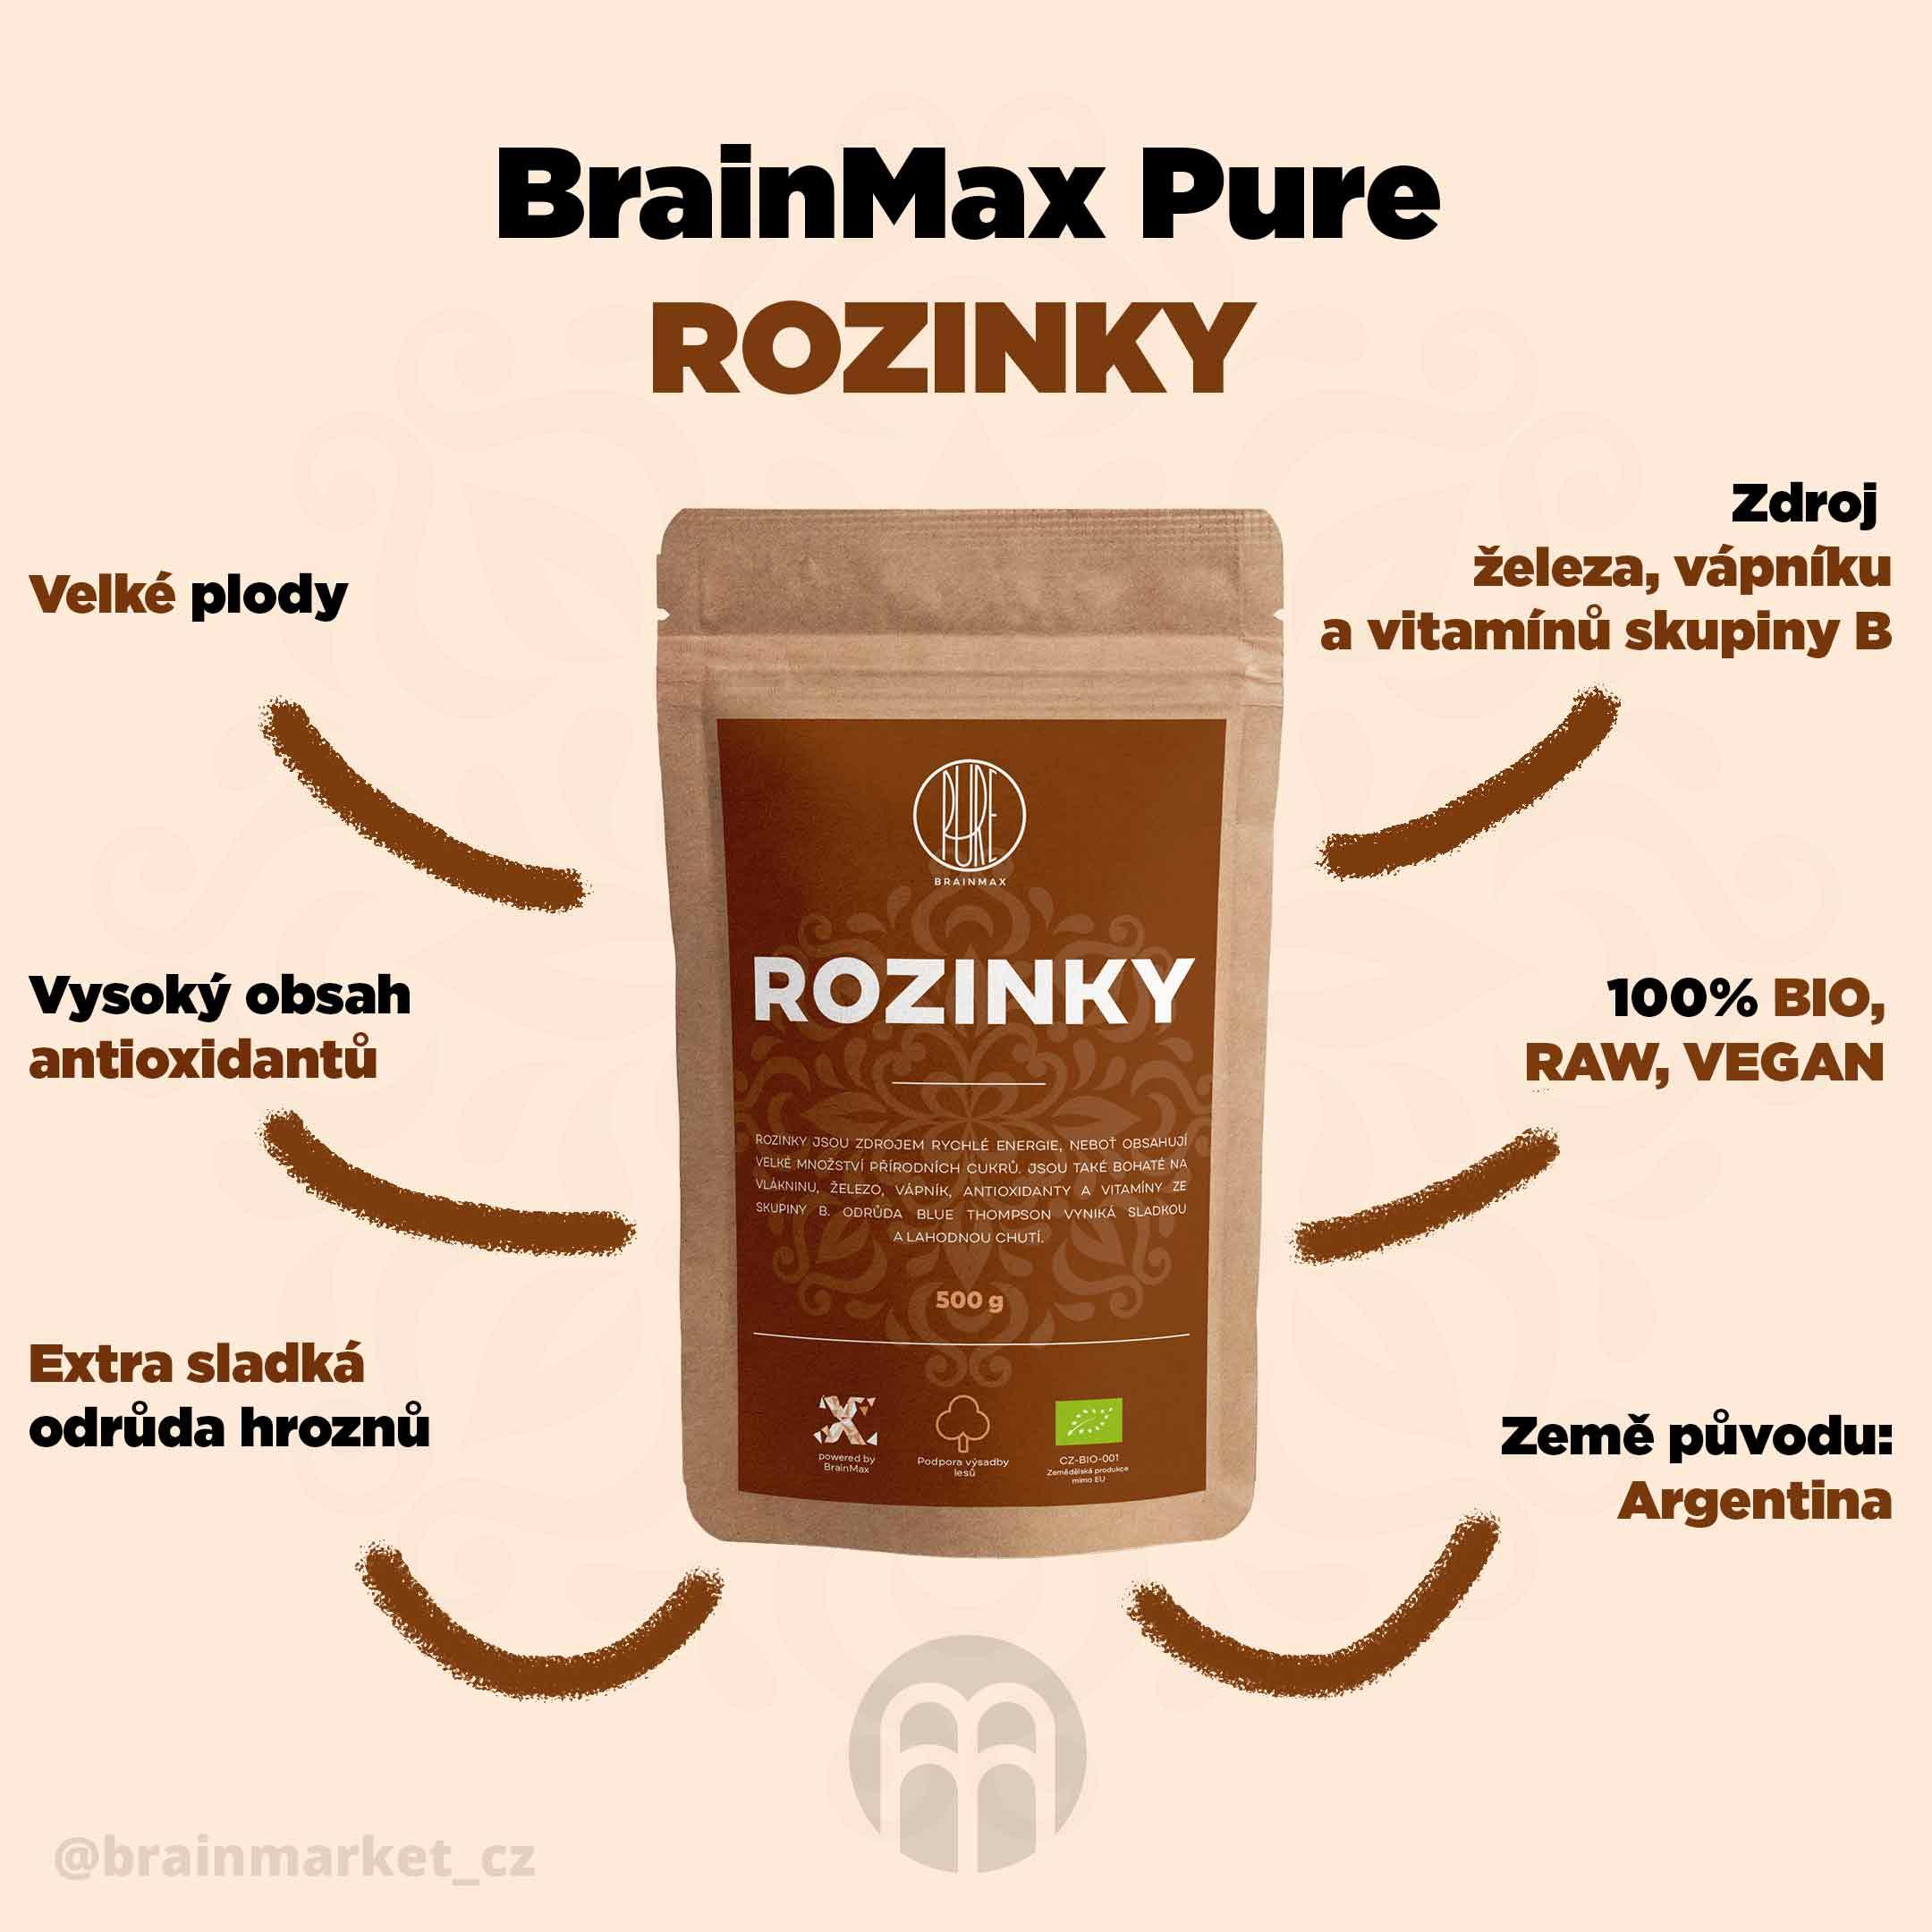 rozinky-brainmarket-infografika-cz